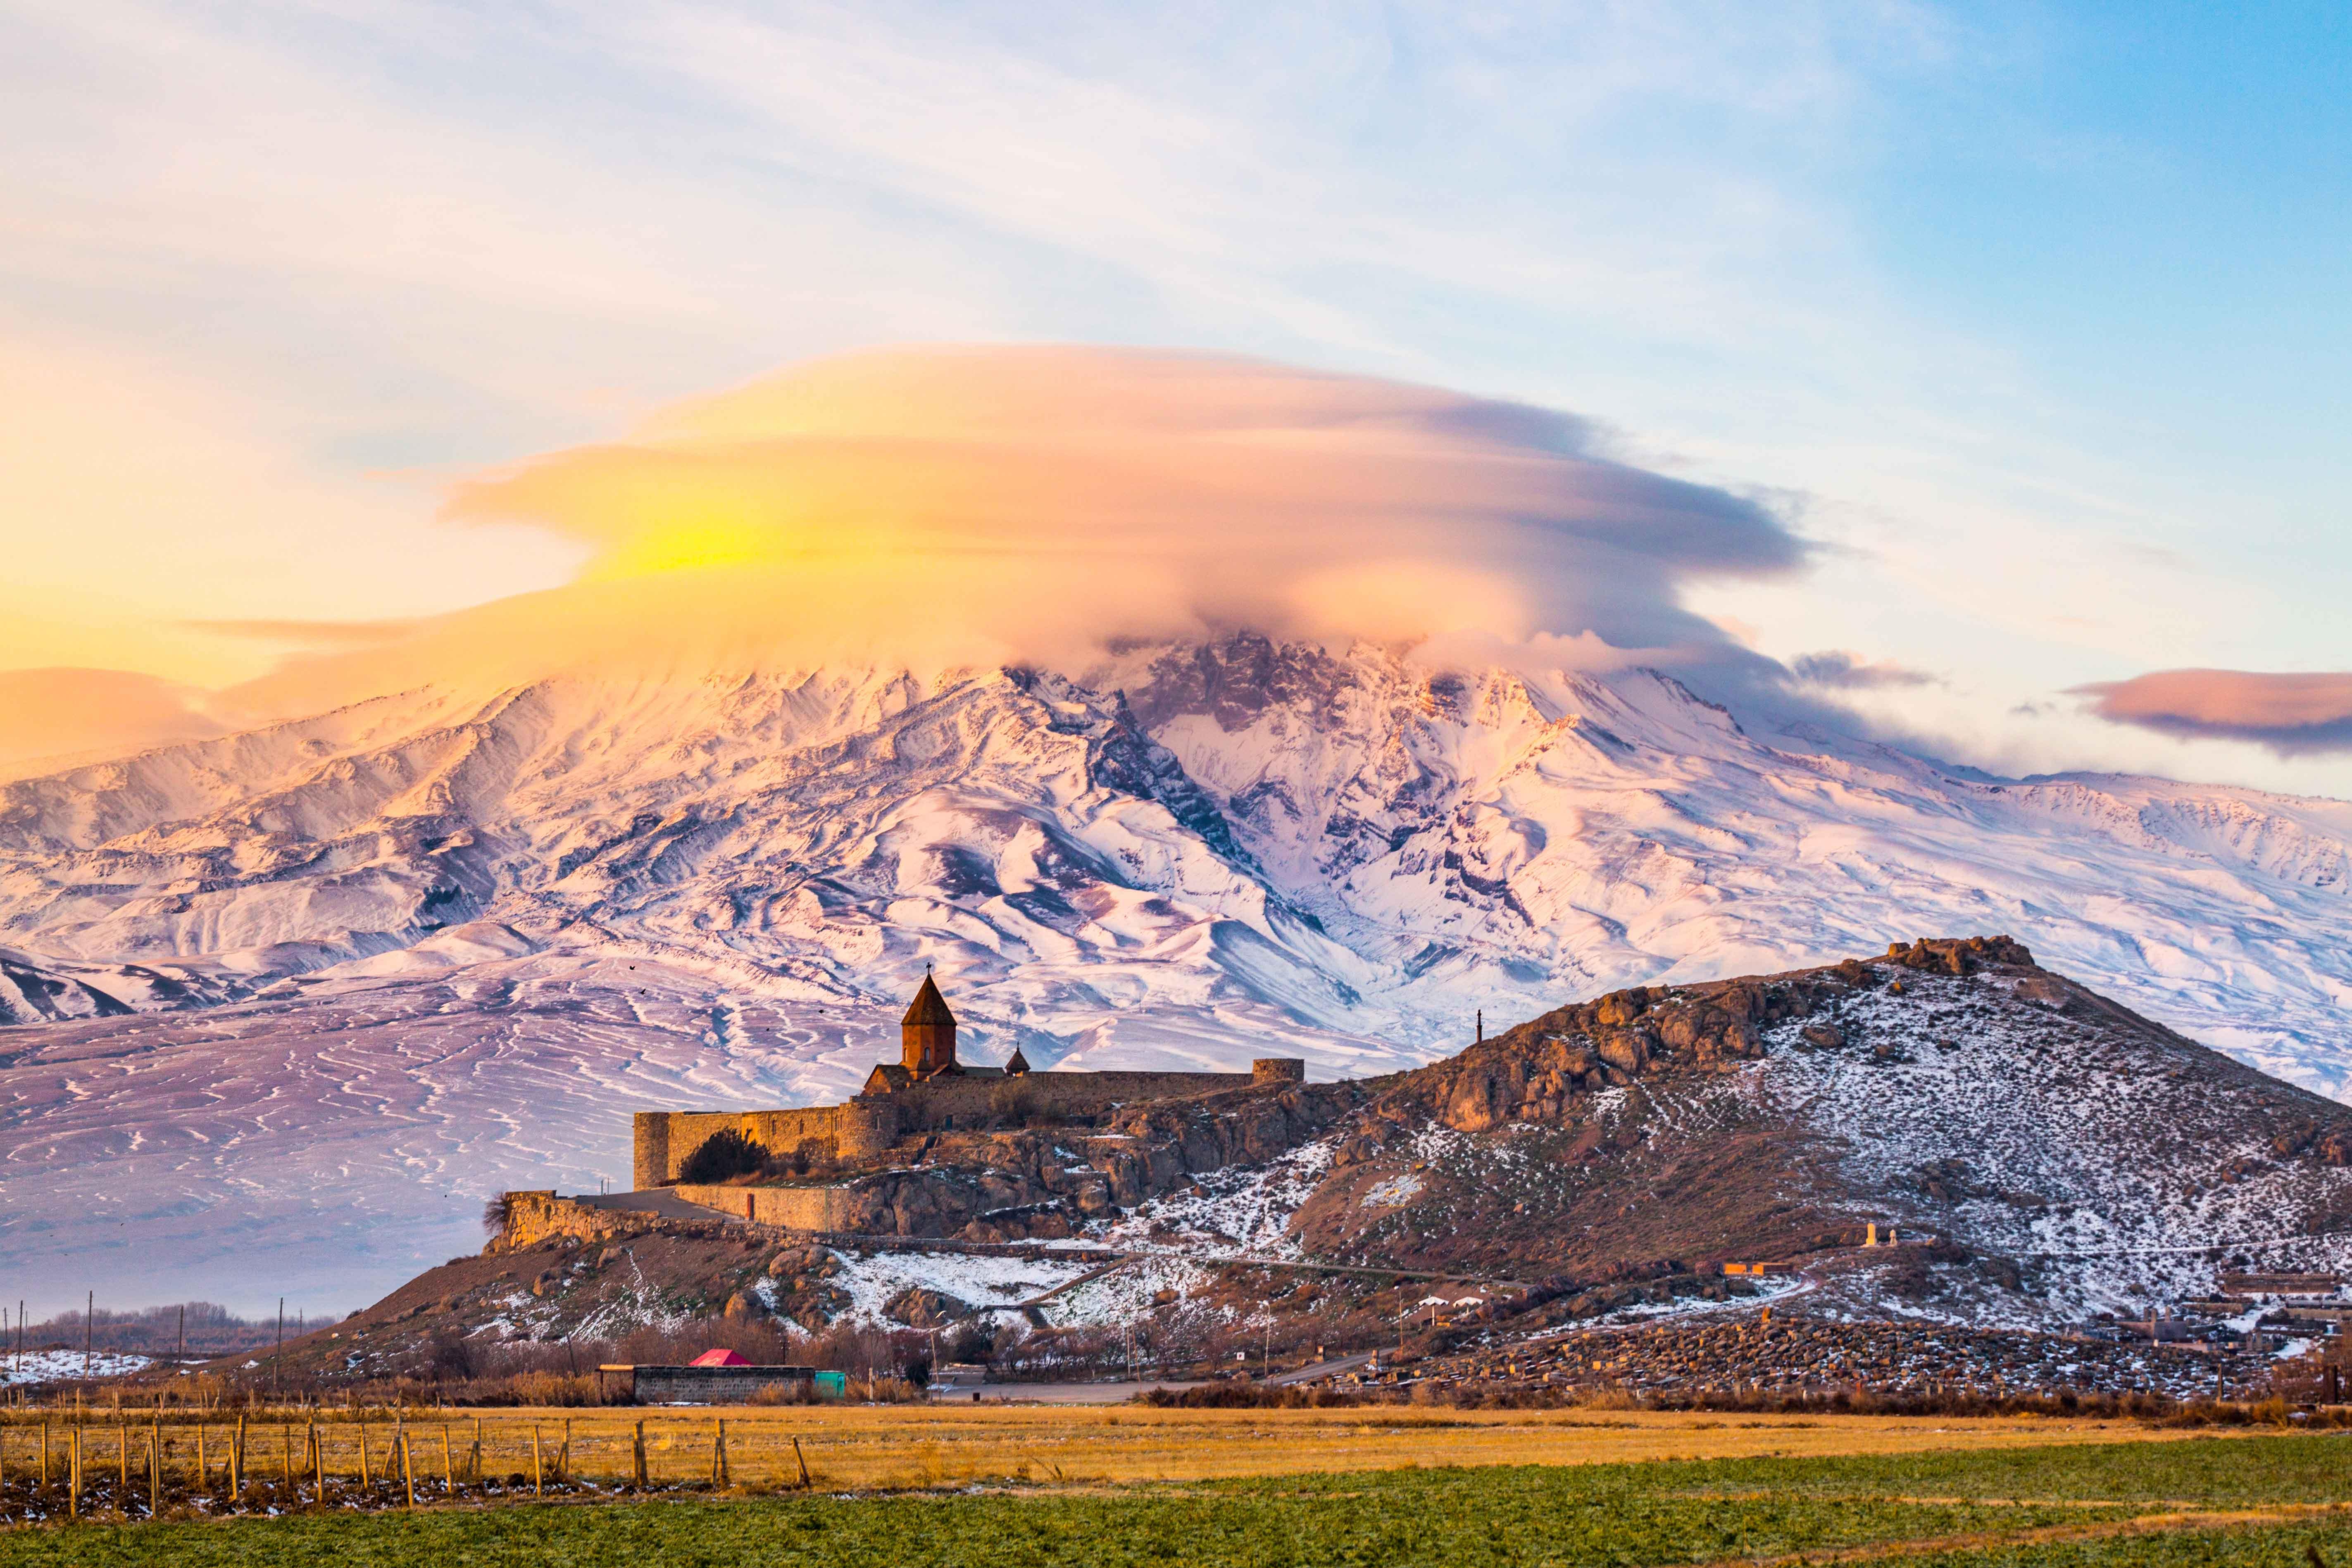 Хор Вирап | Арташатская область, Армения